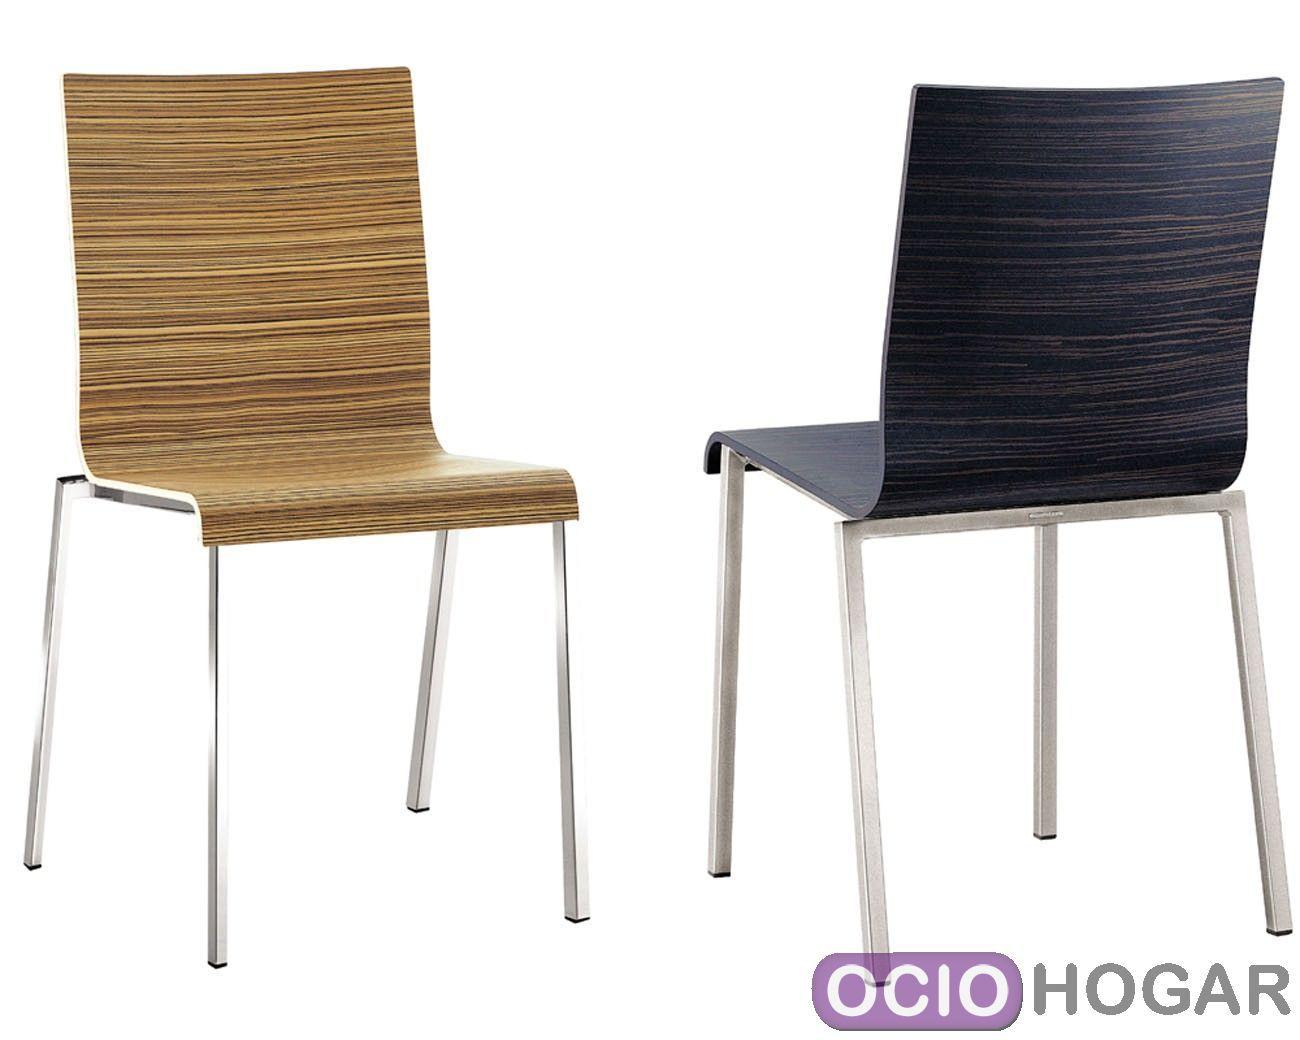 Sillas de madera para el comedor de estilo moderno for Sillas wengue comedor